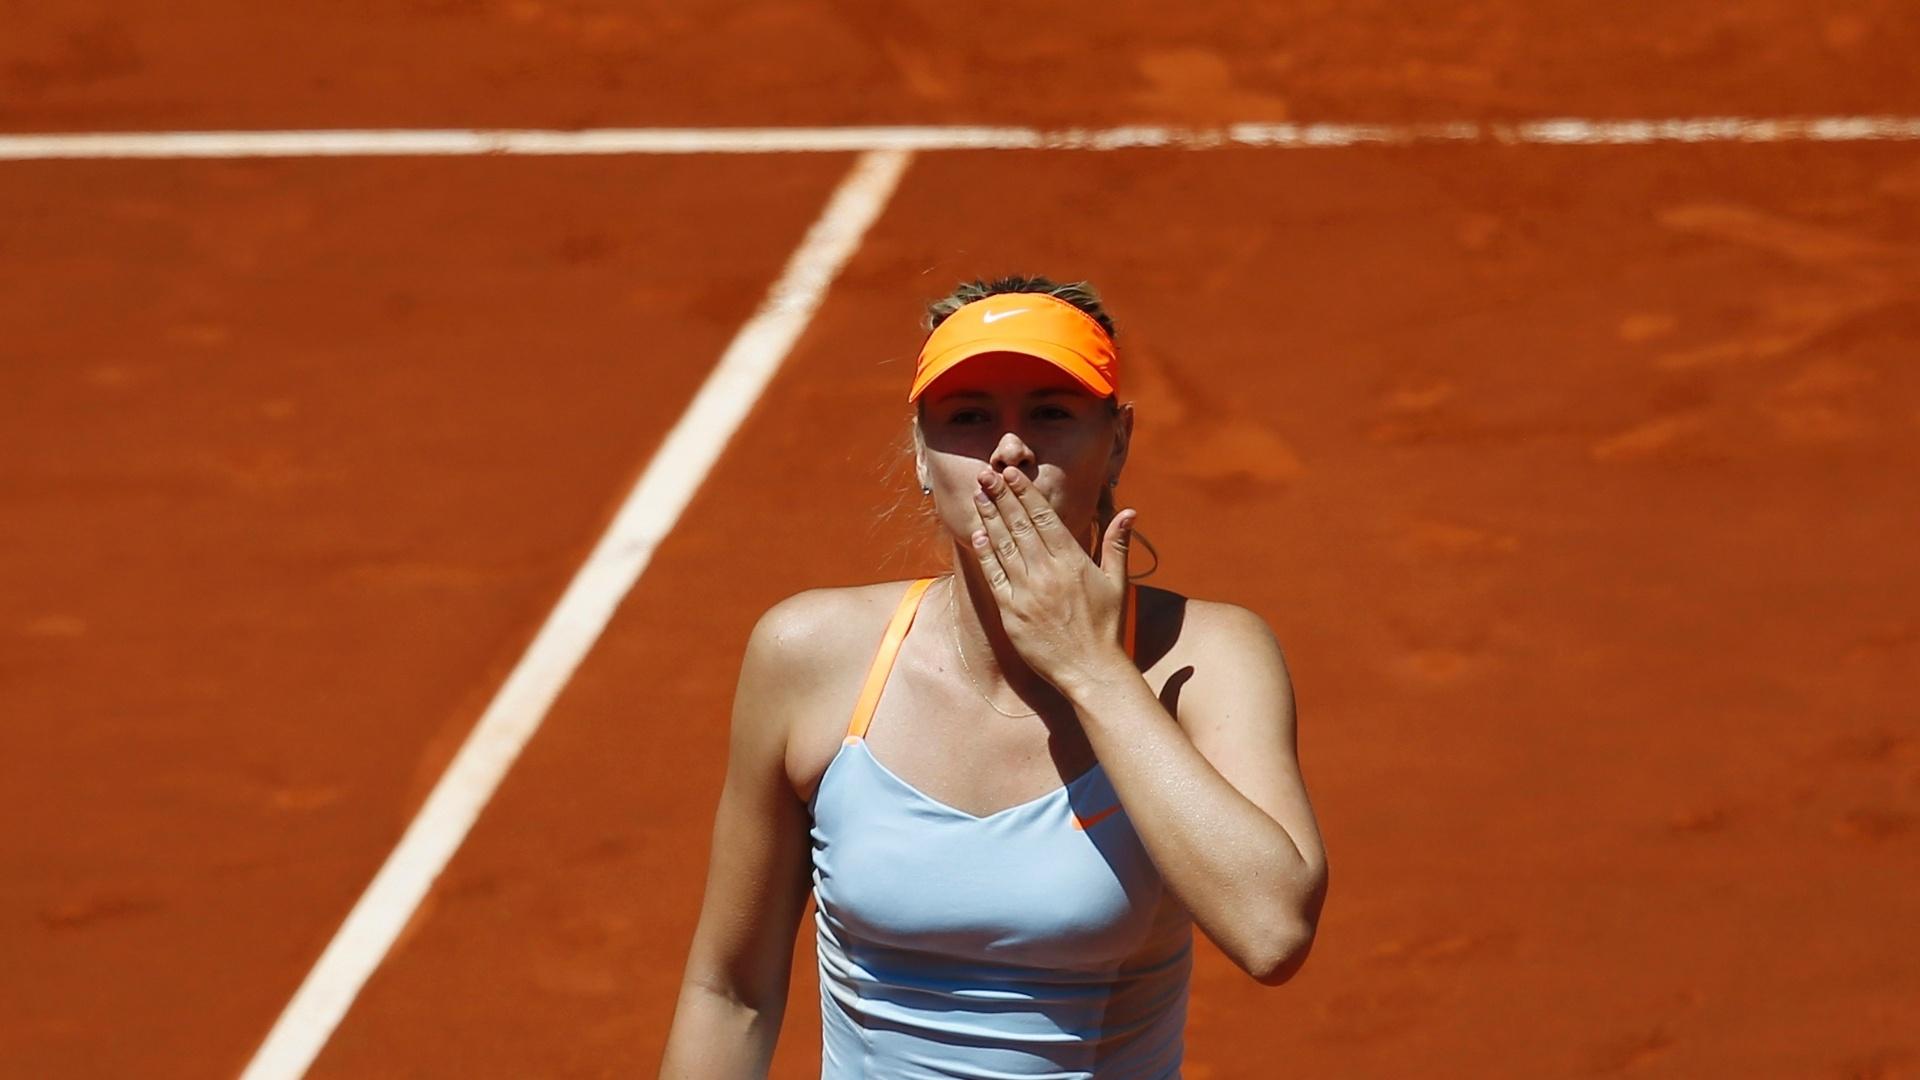 11.05.2013 - Sharapova saúda a torcida depois de vencer pela 500ª vez na carreira e chegar na final do Masters 1000 de Madri